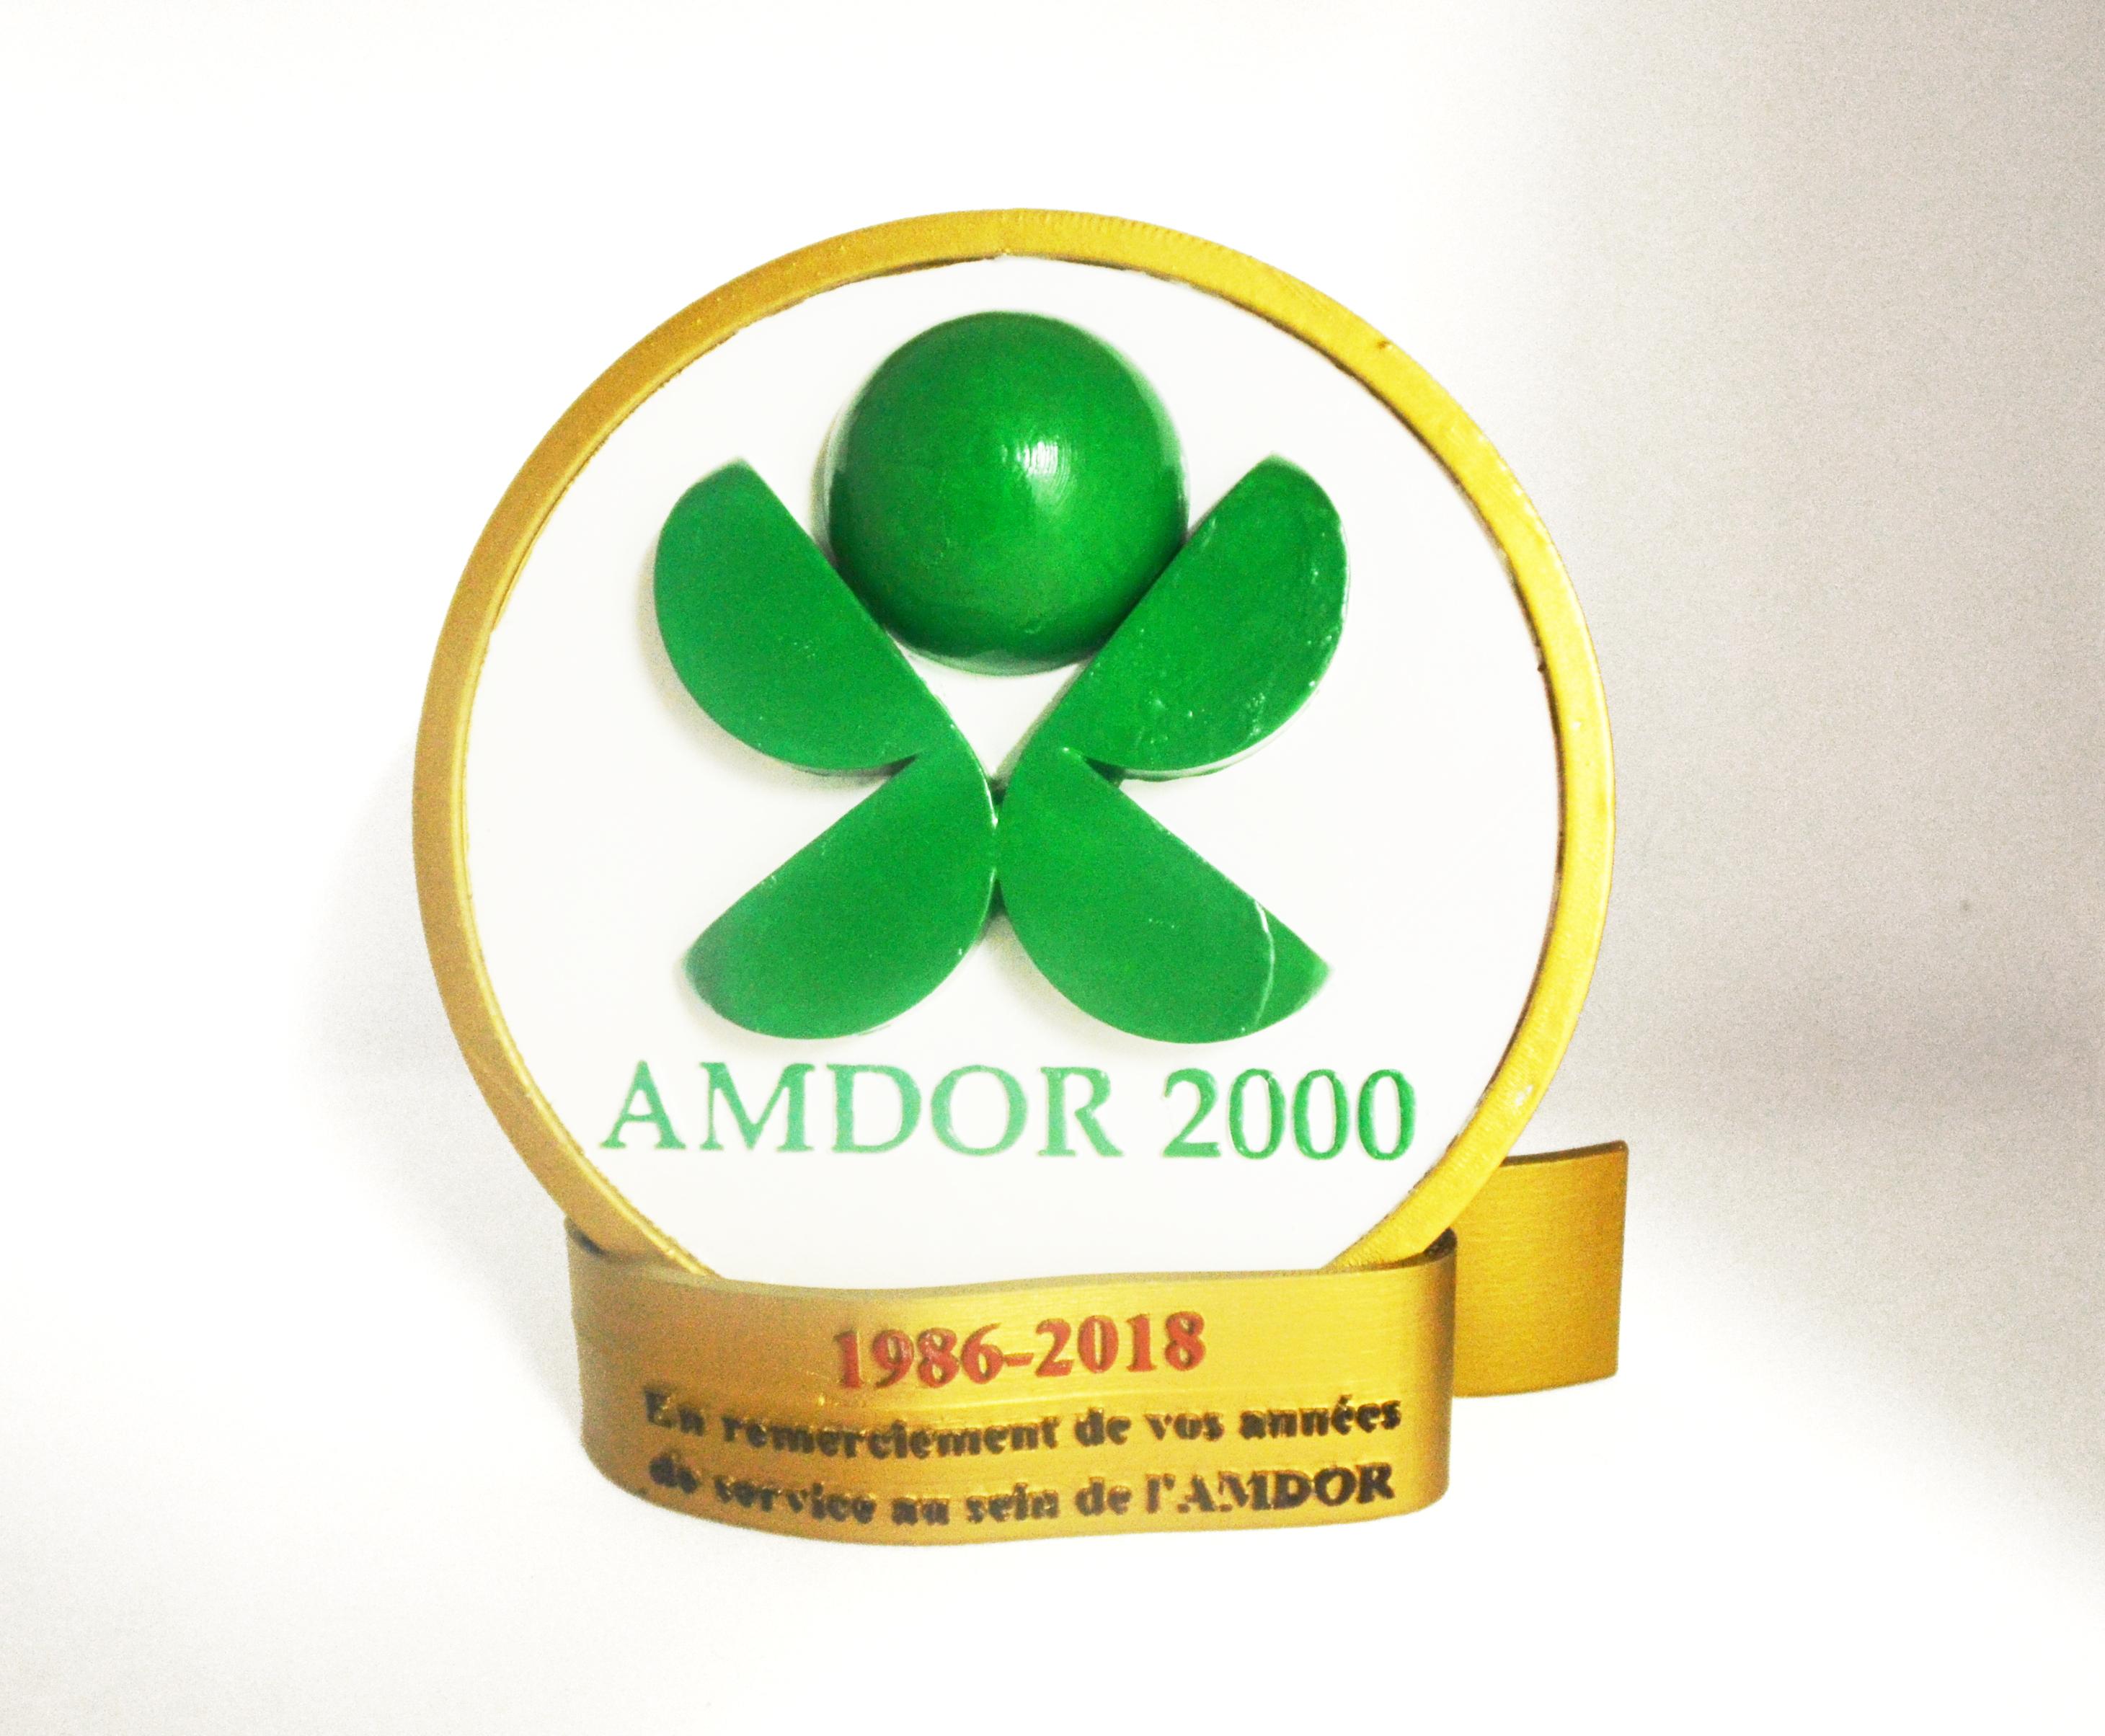 Karaïb 3D Karaïbe Karaïbes Caraïbes Caraïbe Impression conception fabrication numérique imprimante Trophée AMDOR 2000